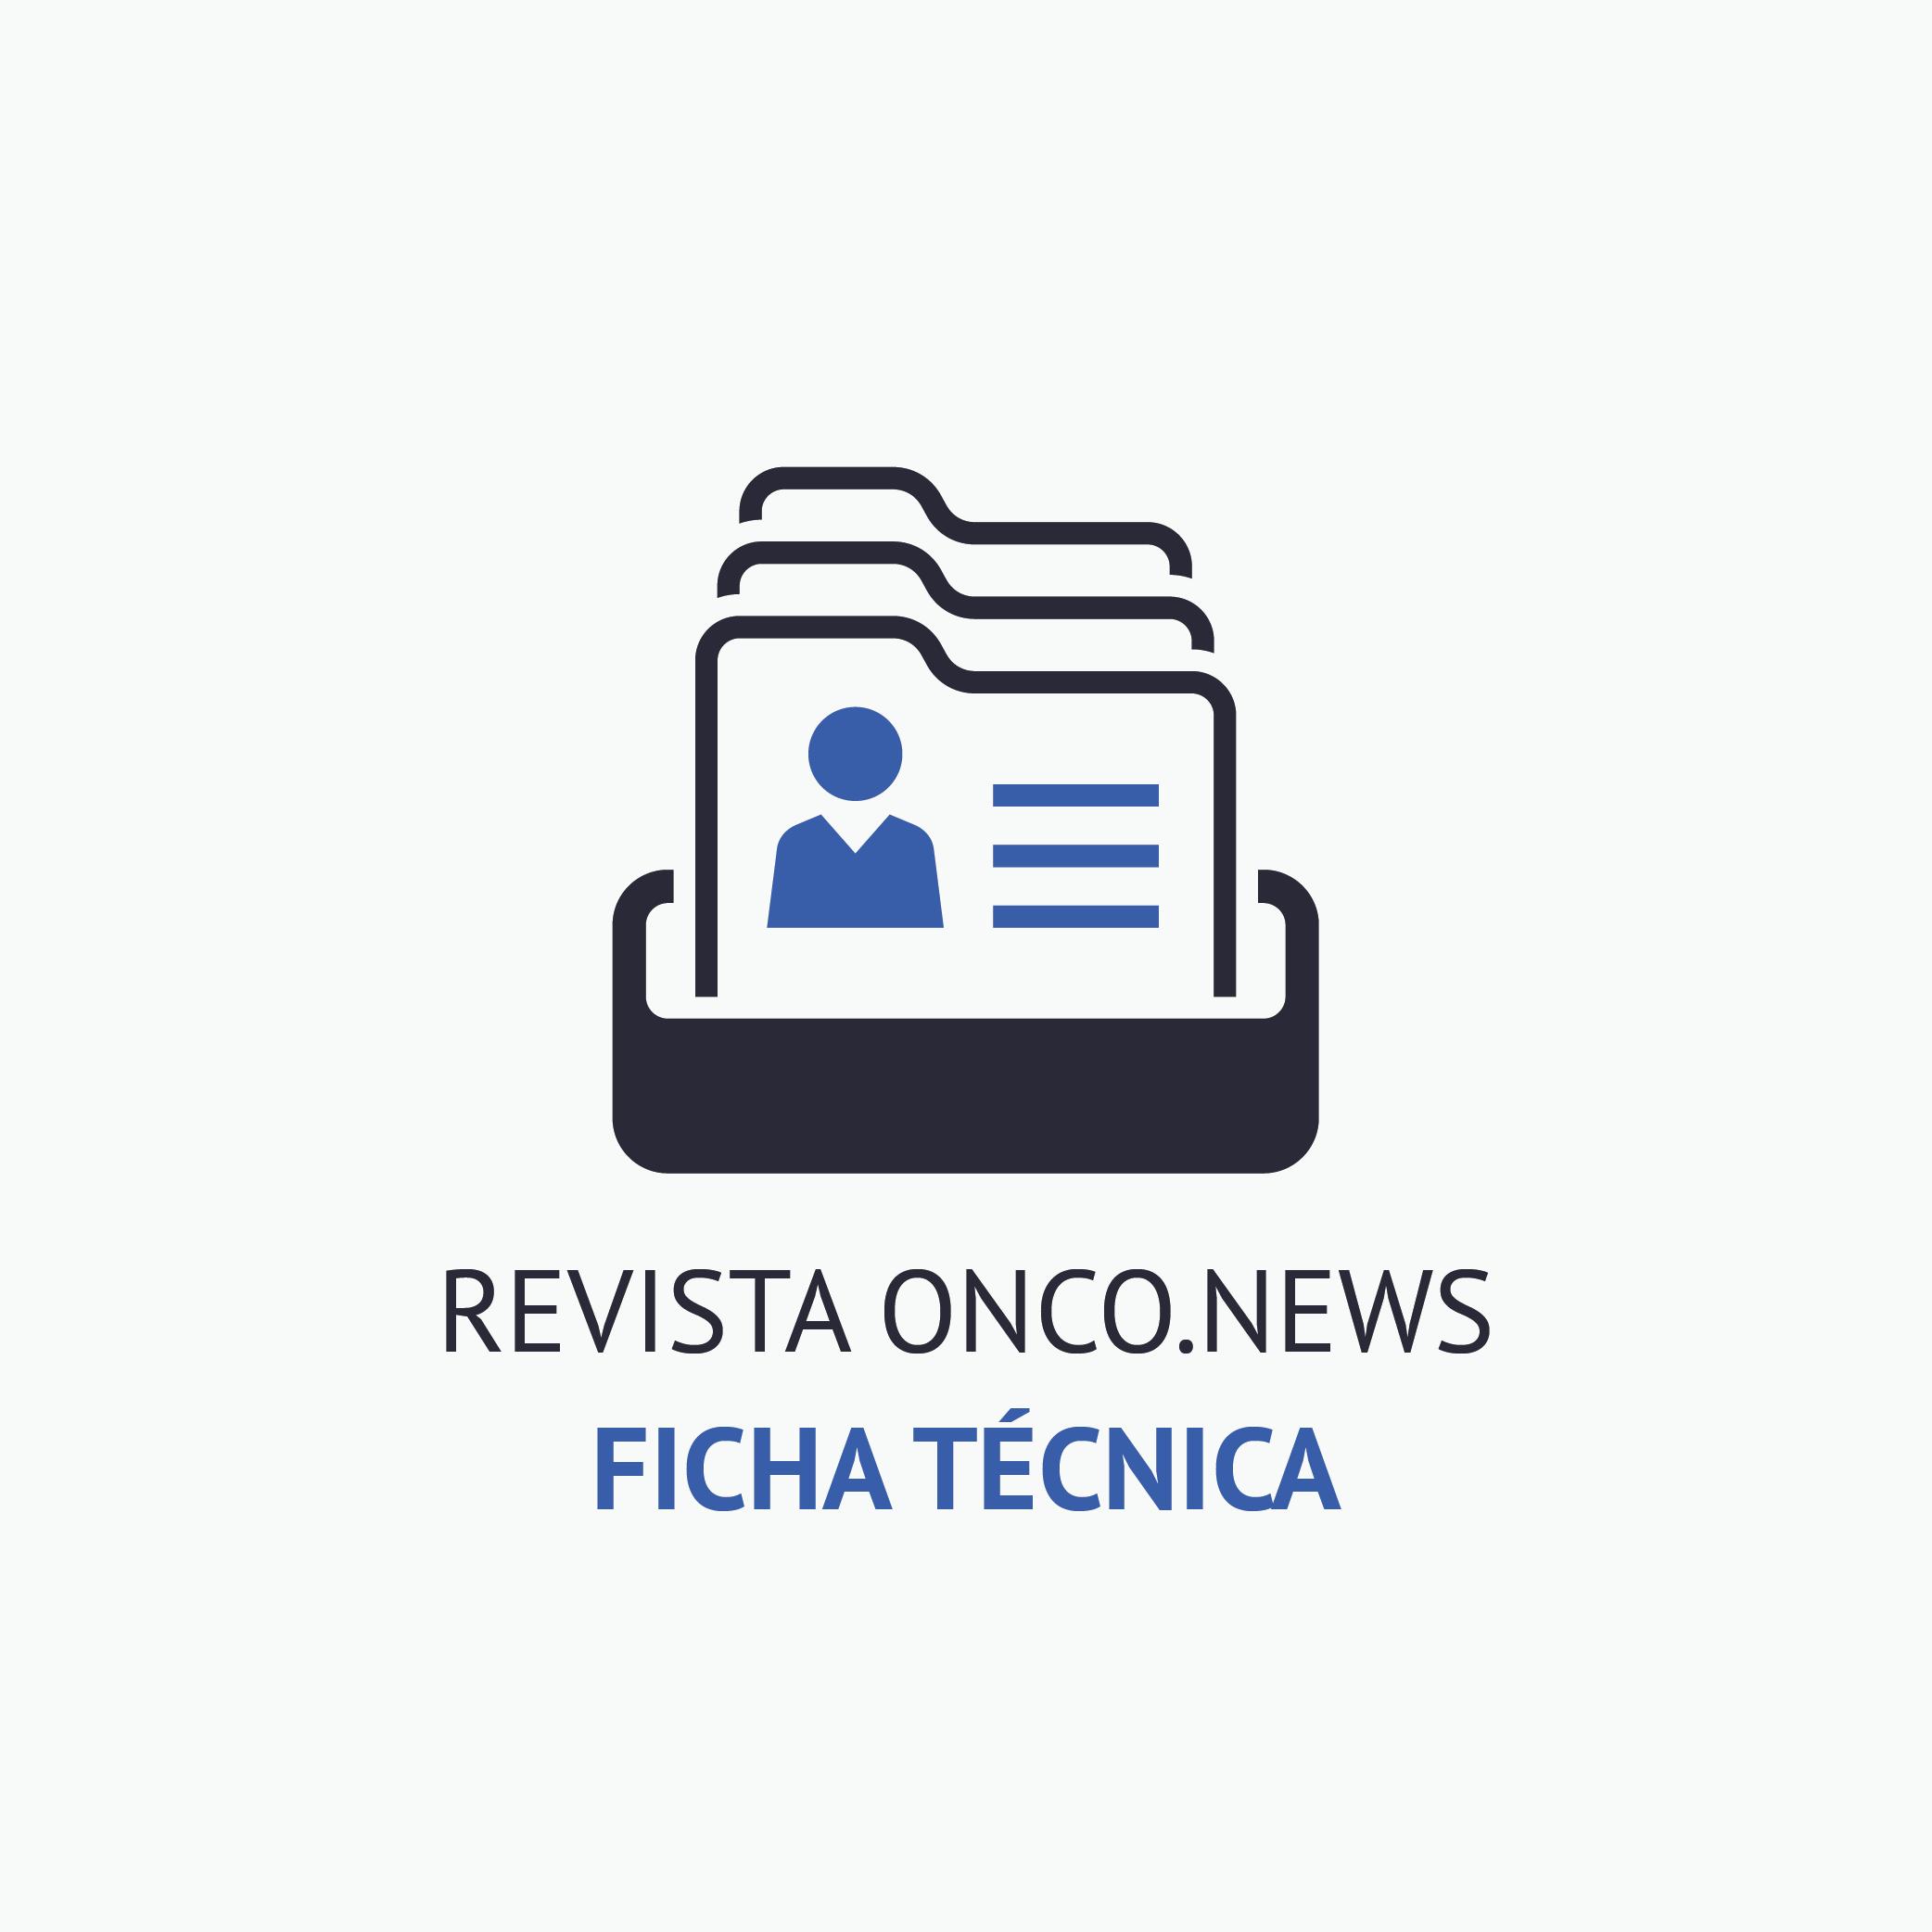 Revista – Ficha técnica